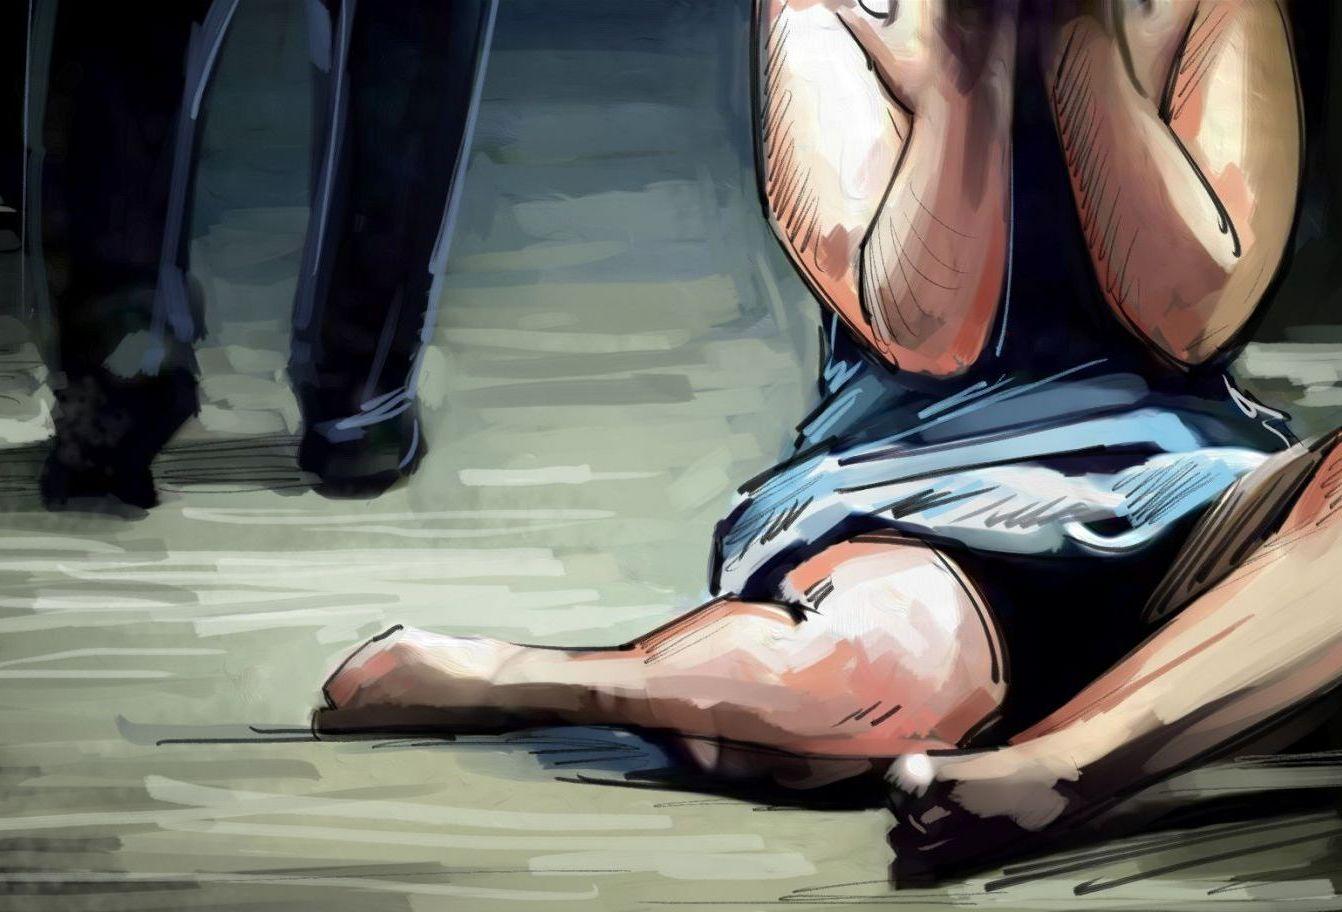 اعتقال ثلاث شبان قاموا باغتصاب وابتزاز فتيات بضواحي مراكش بعد مداهمة منزل بالكلاب المدربة